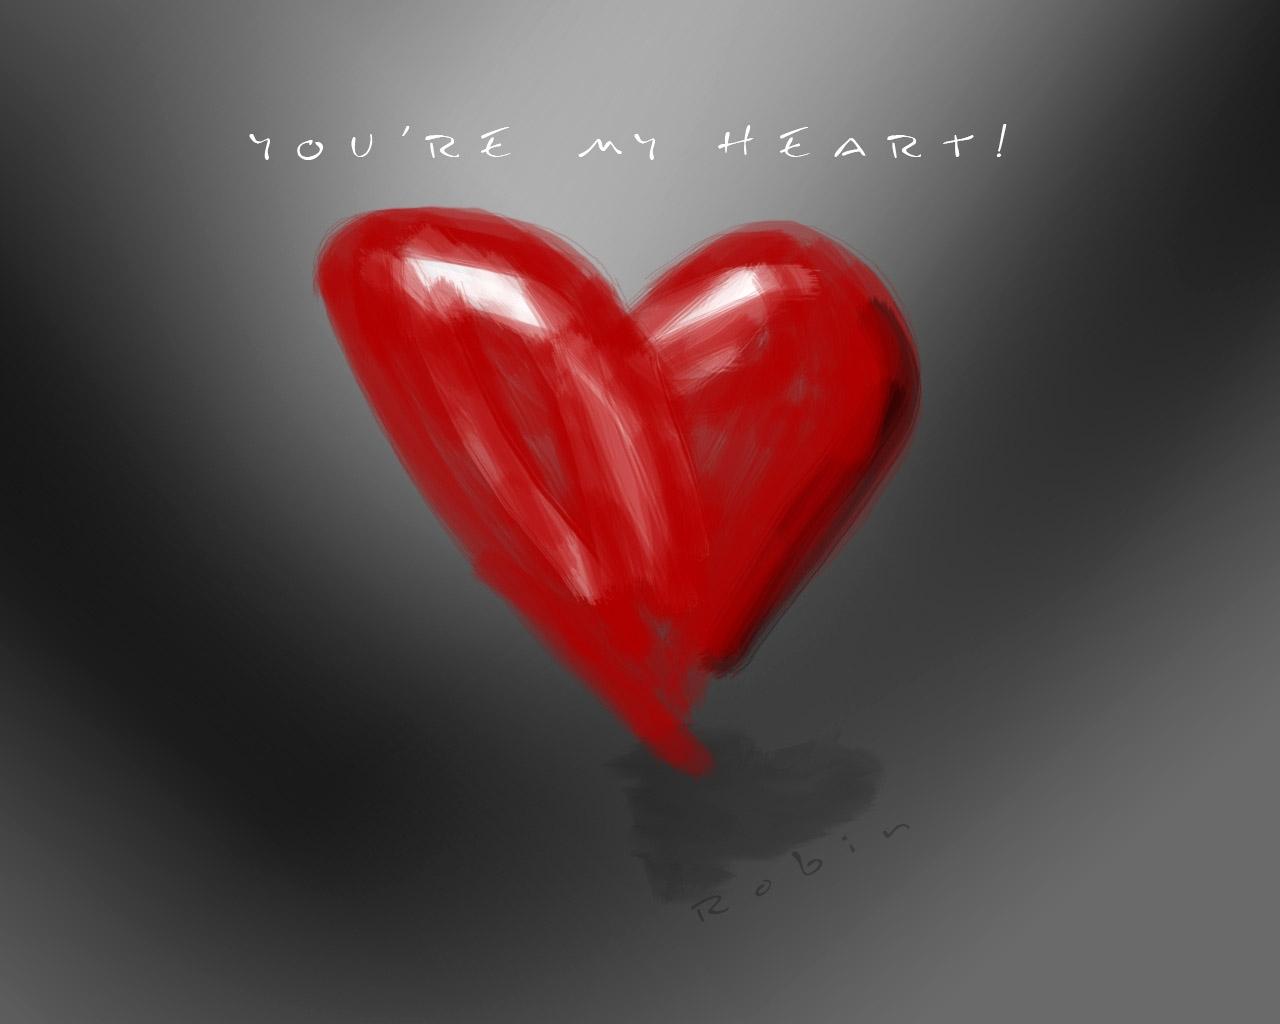 Hintergrundbilder : Zeichnung, Liebe, Herz, rot, Mund, Valentinstag ...